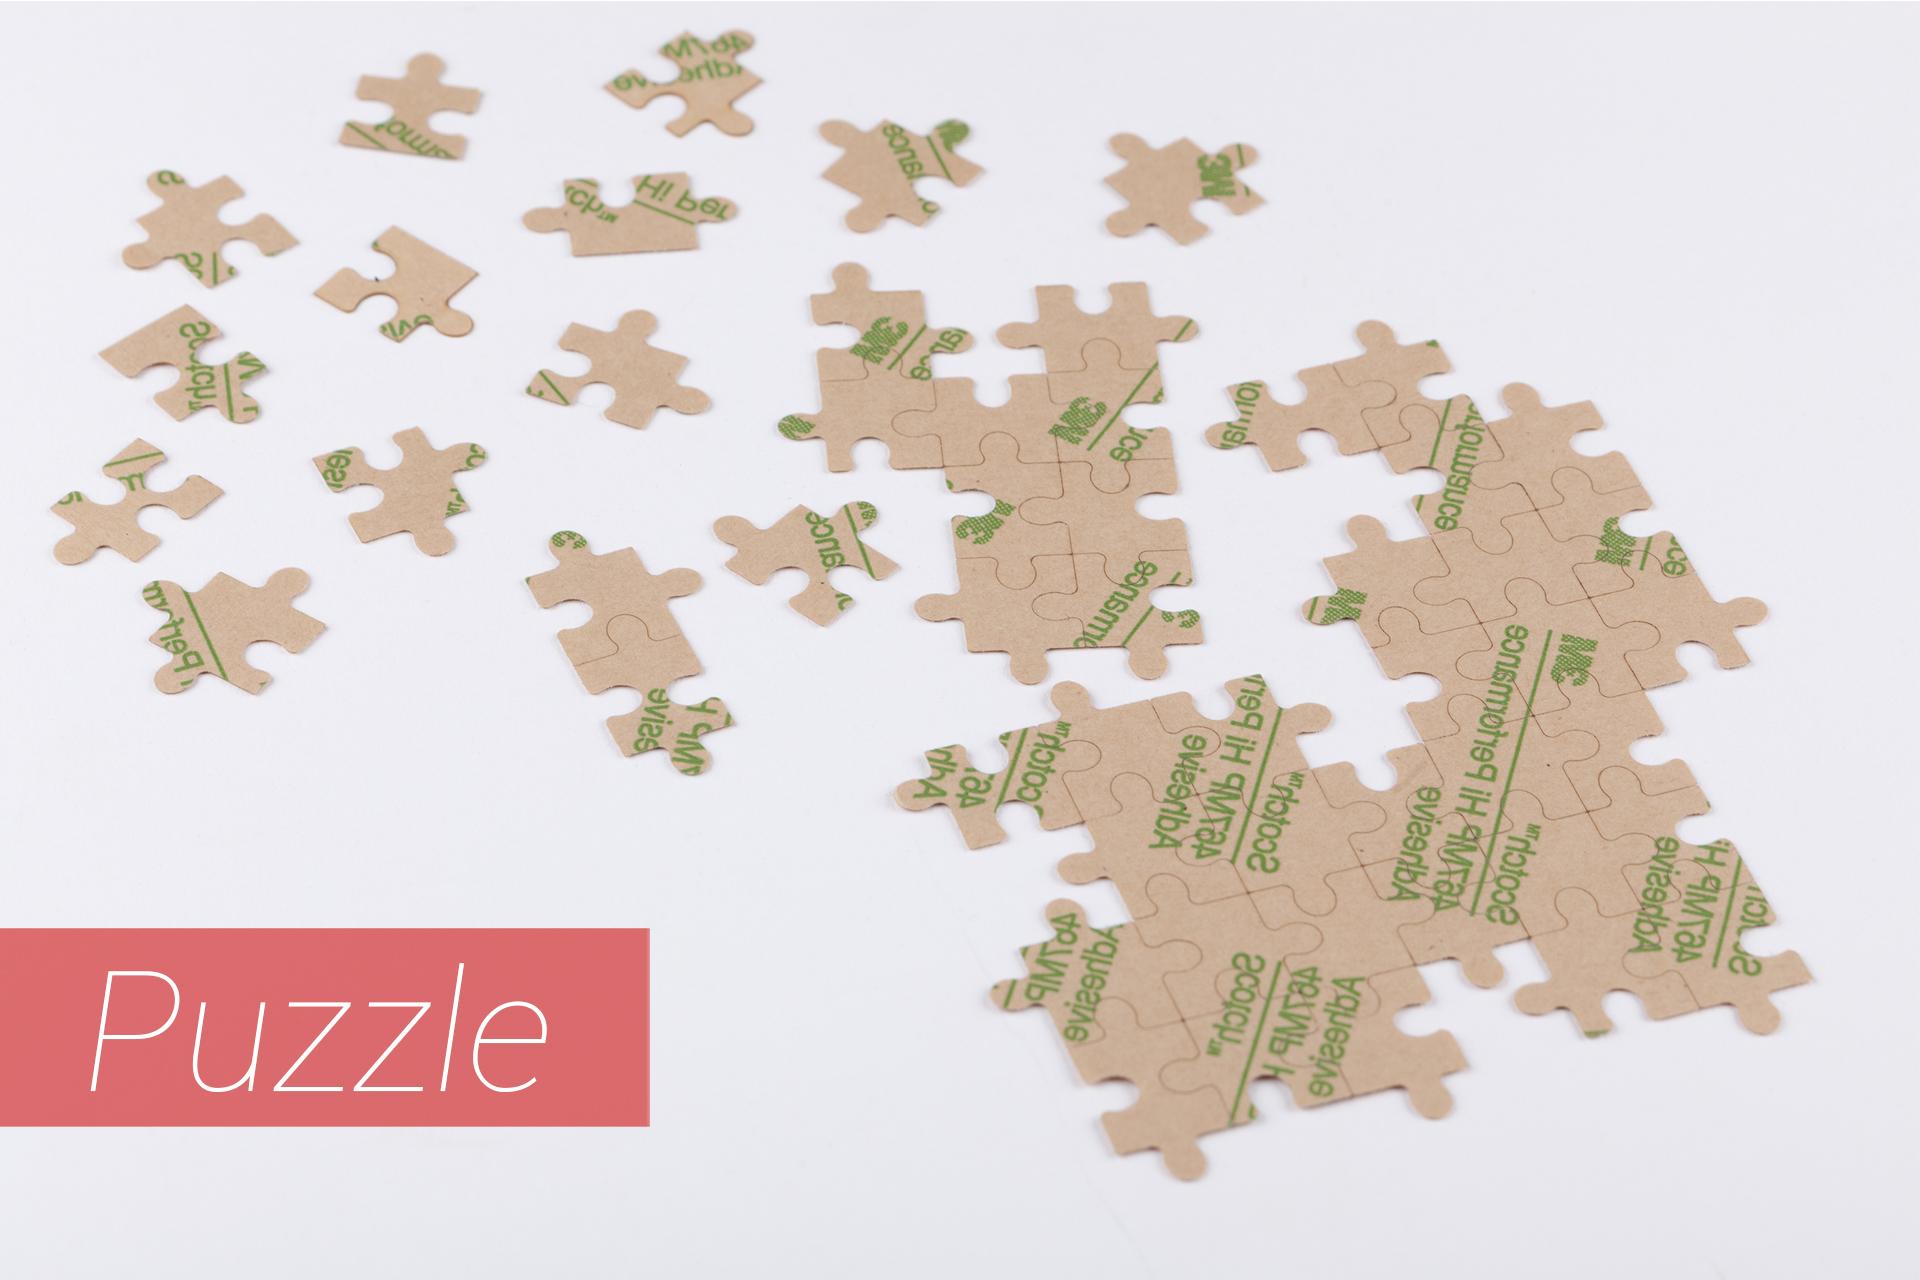 Puzzle lasergestanzt